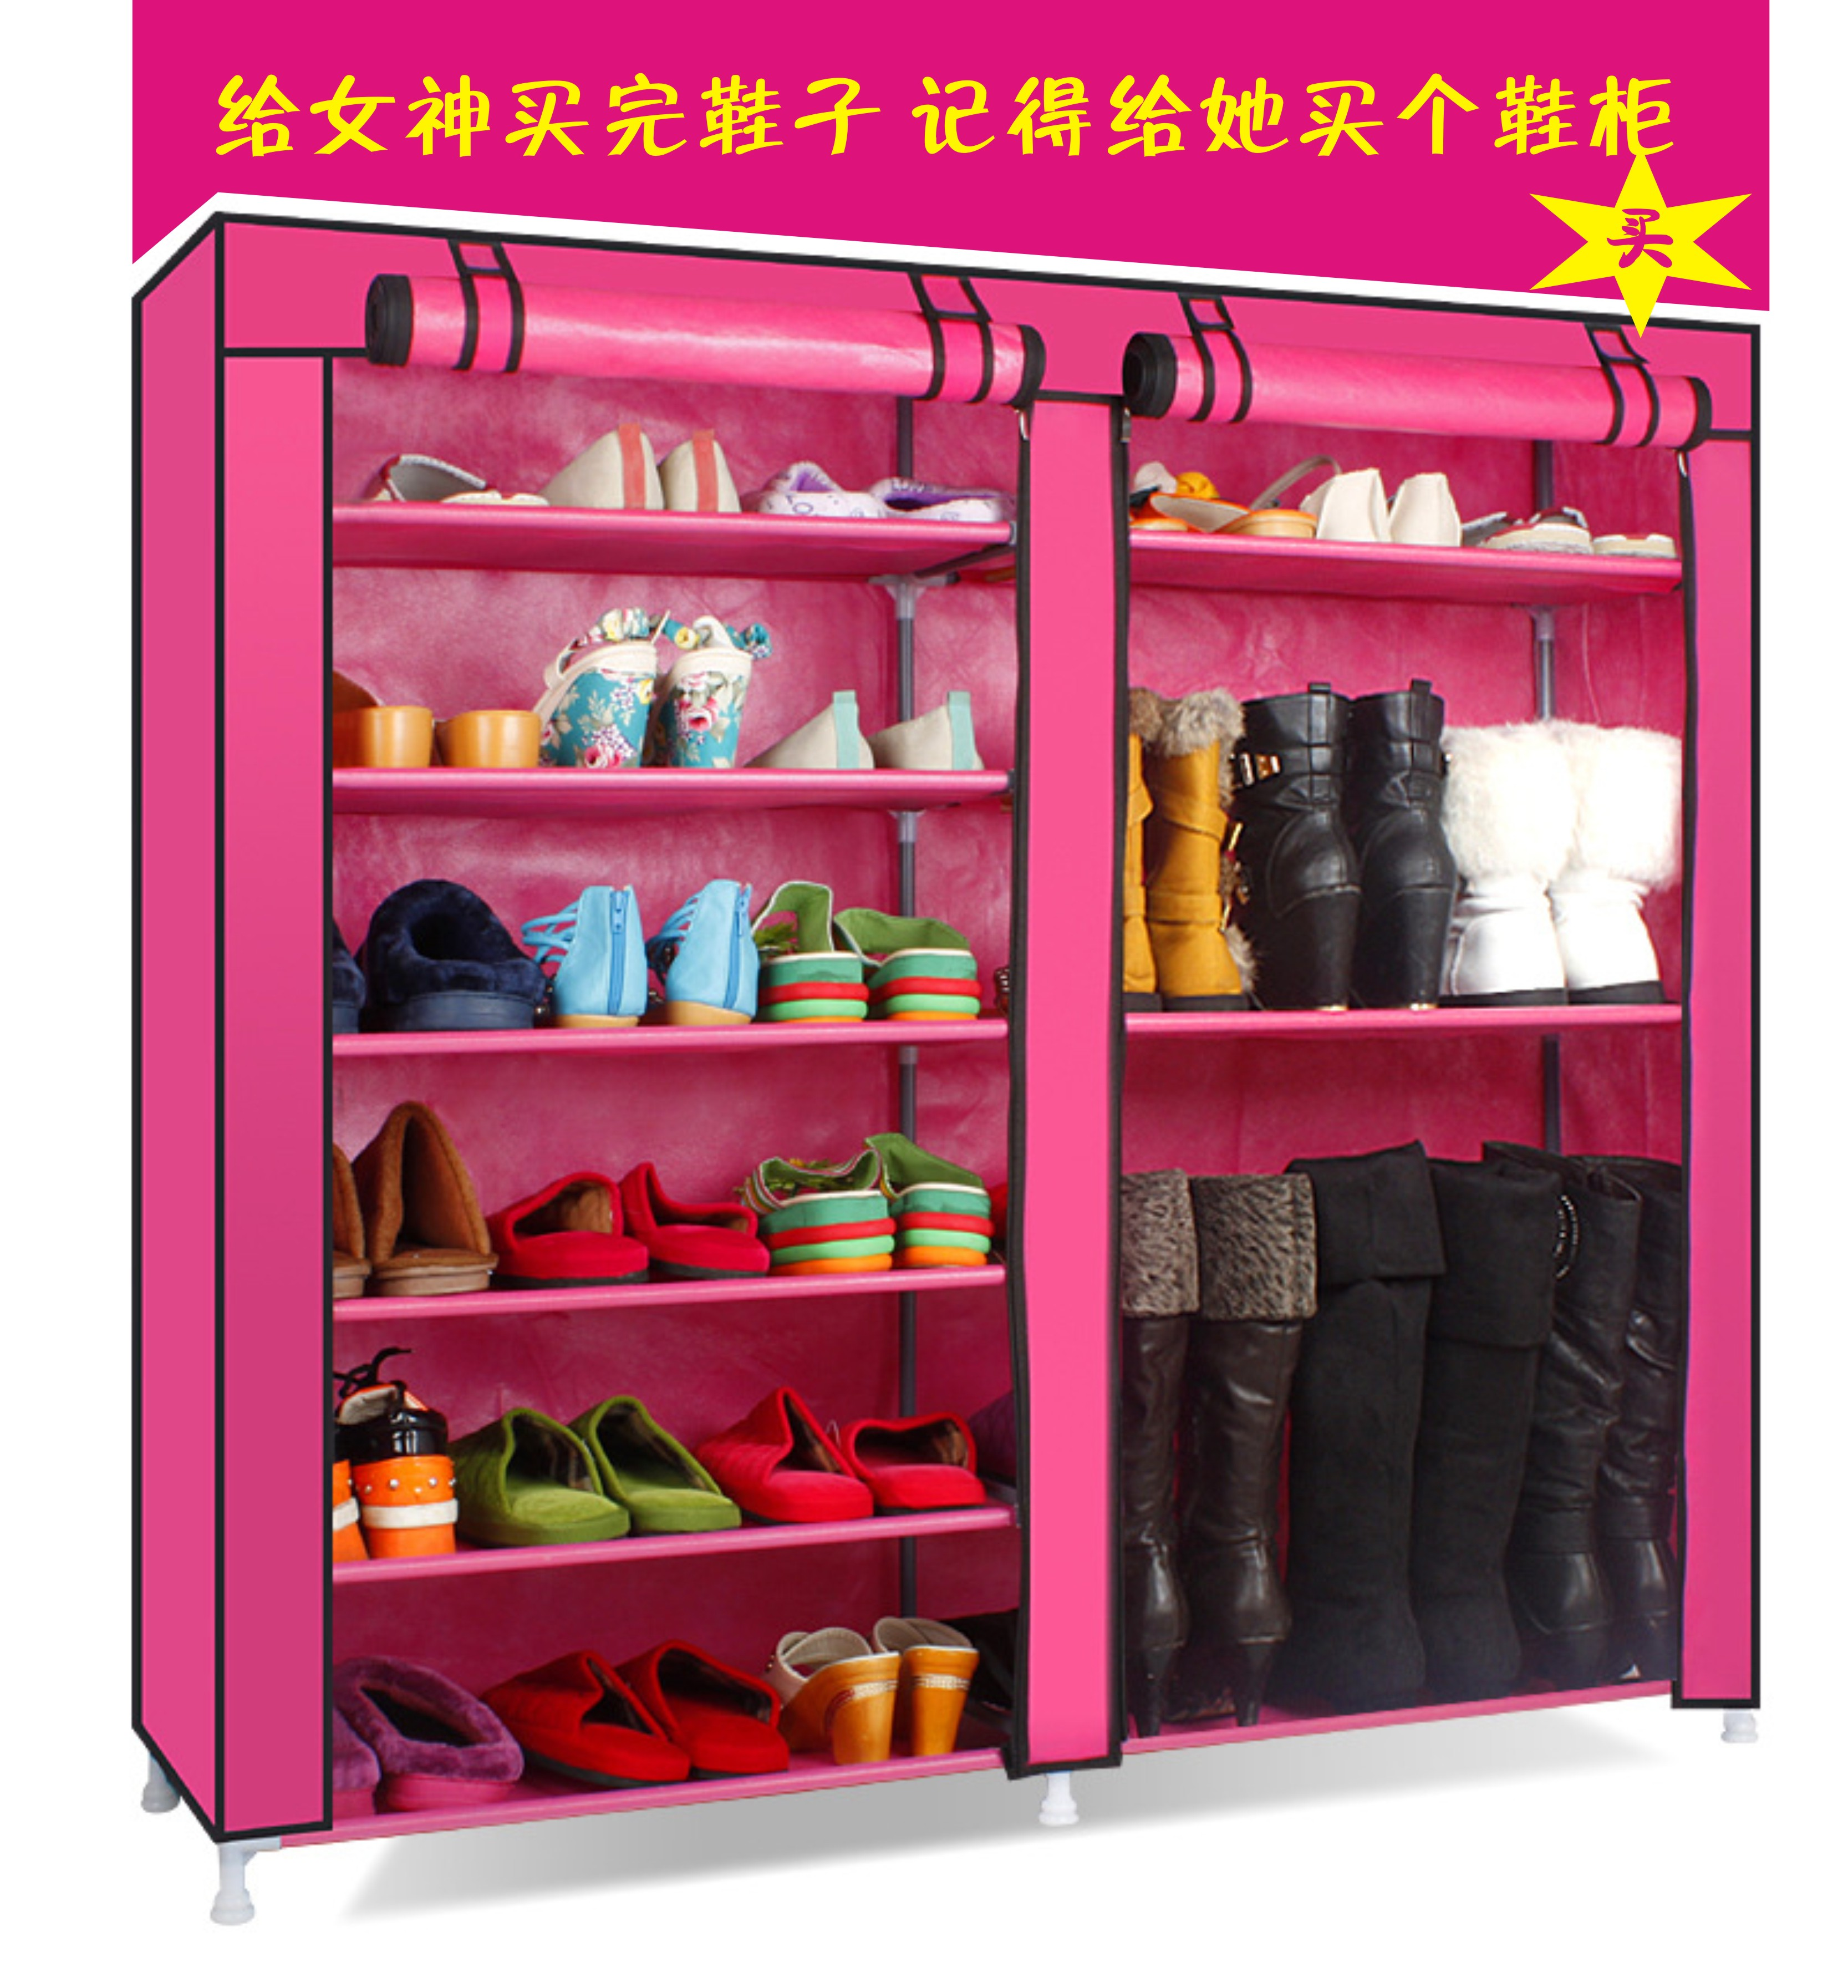 鞋架特价塑料鞋架双排多层组装秒杀经济型家用家里人可拆卸大容量